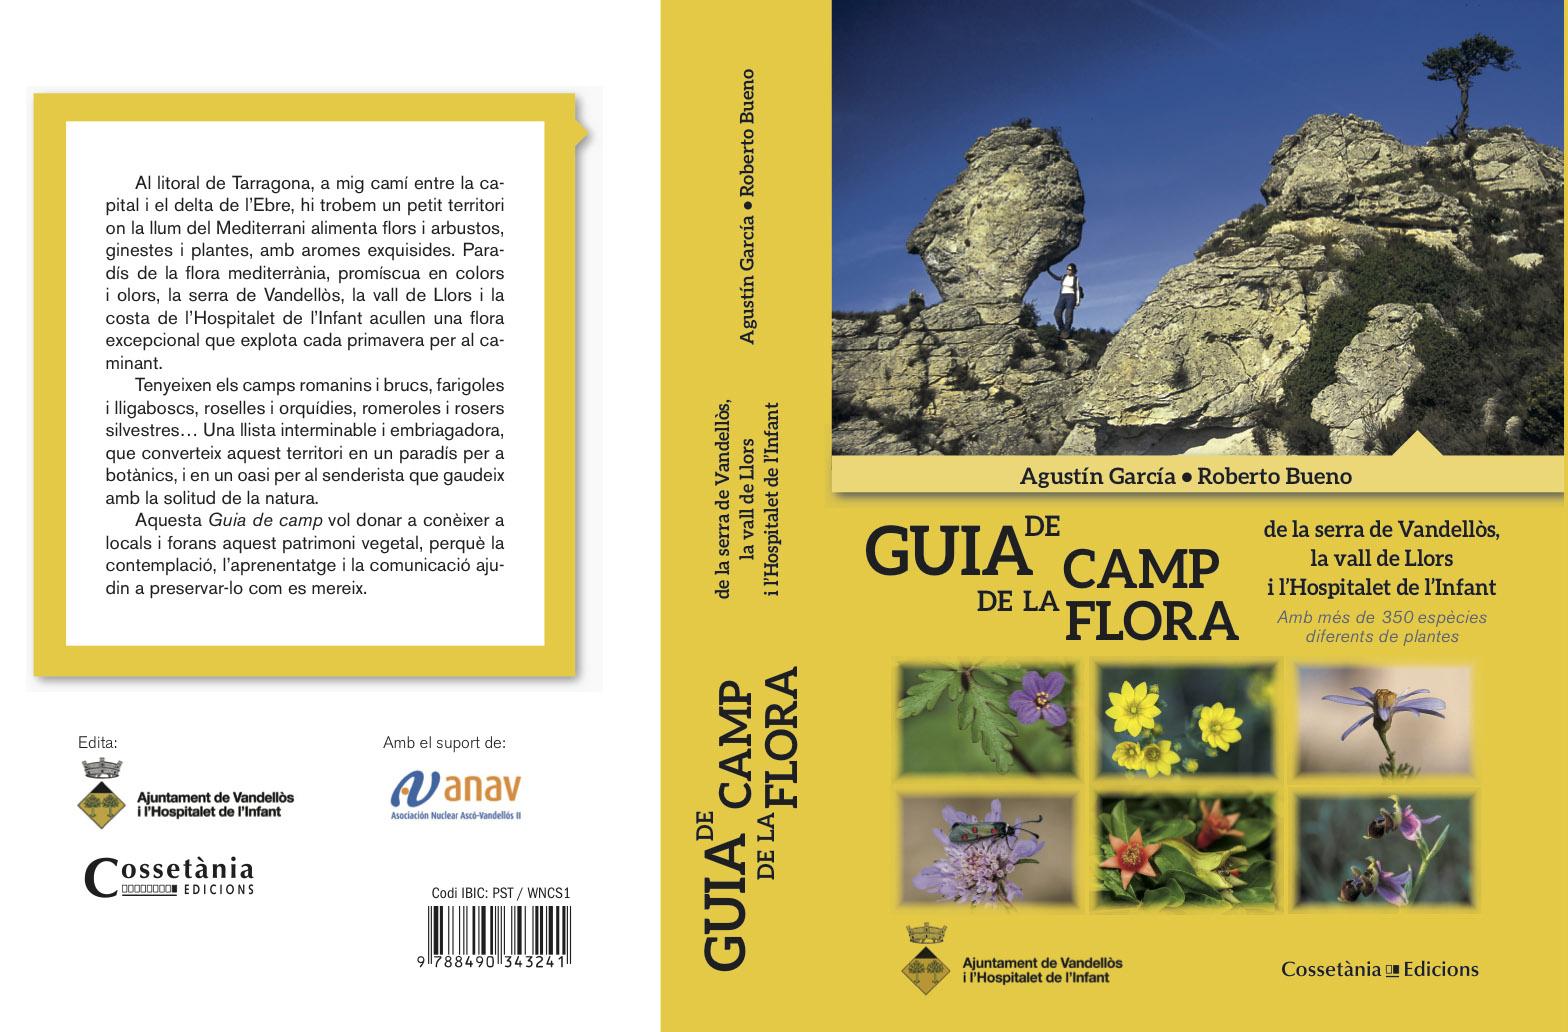 Guia de camp de la Flora - L´Hospitalet-Vandellòs - L´Hospitalet de l´Infant - Vandellòs; Roberto Bueno; Fotografía